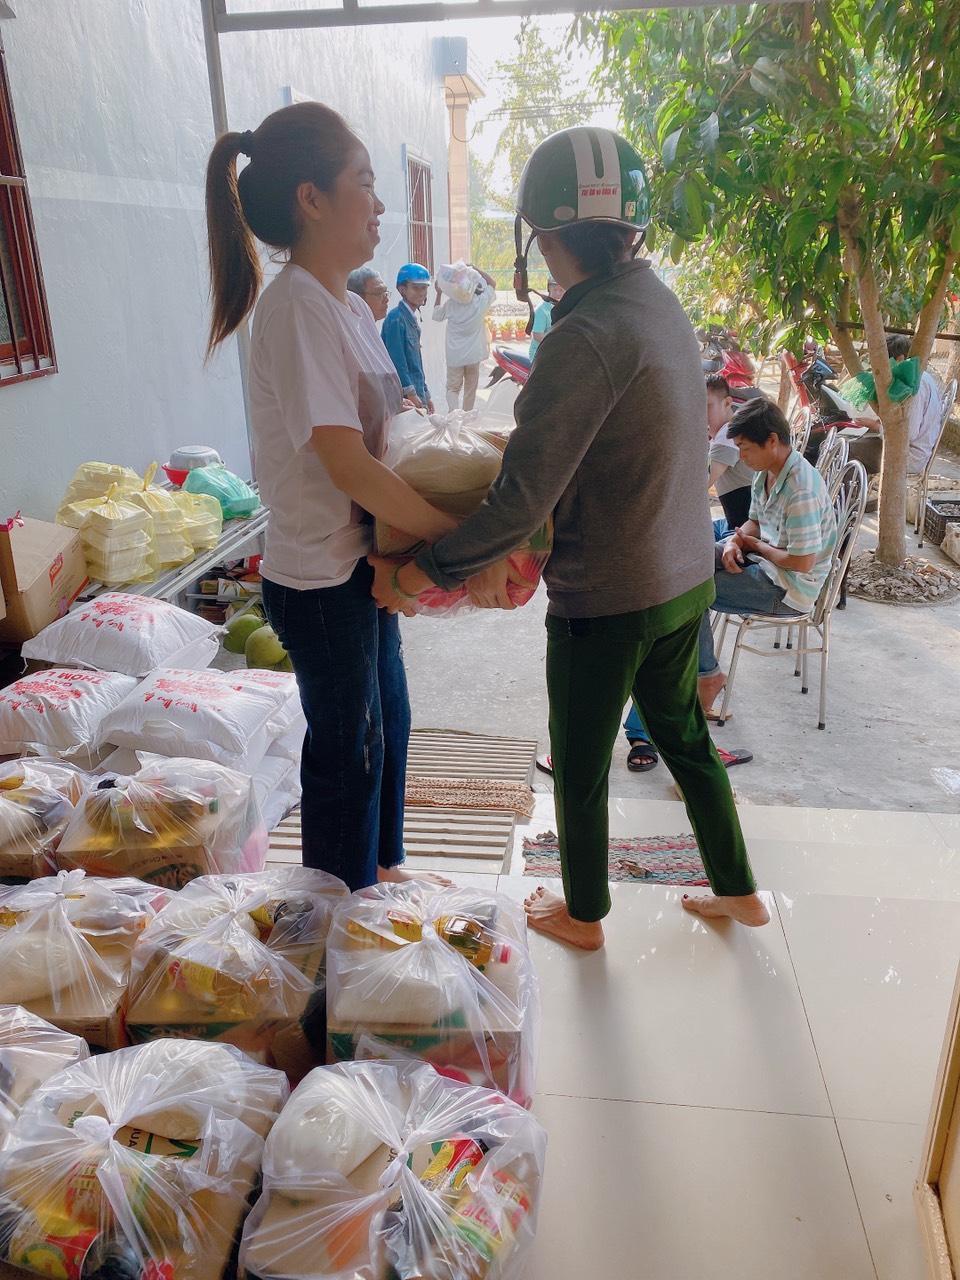 Trước đó, trong suốt thời gian mưa bão gây ngập lụt ở miền Trung, Khánh Linh liên tục huy động các nhu yếu phẩm cứu trợ cho người dân. Cô hợp tác với nhiều tổ chức từ thiện để chuyển từng món quà đến người dân ở thôn Long Thành, xã Tam Tiến, Quảng Nam. Người đẹp hy vọng những đóng góp của mình sẽ giúp các mảnh đời kém may mắn tìm thấy động lực vươn lên trong cuộc sống.